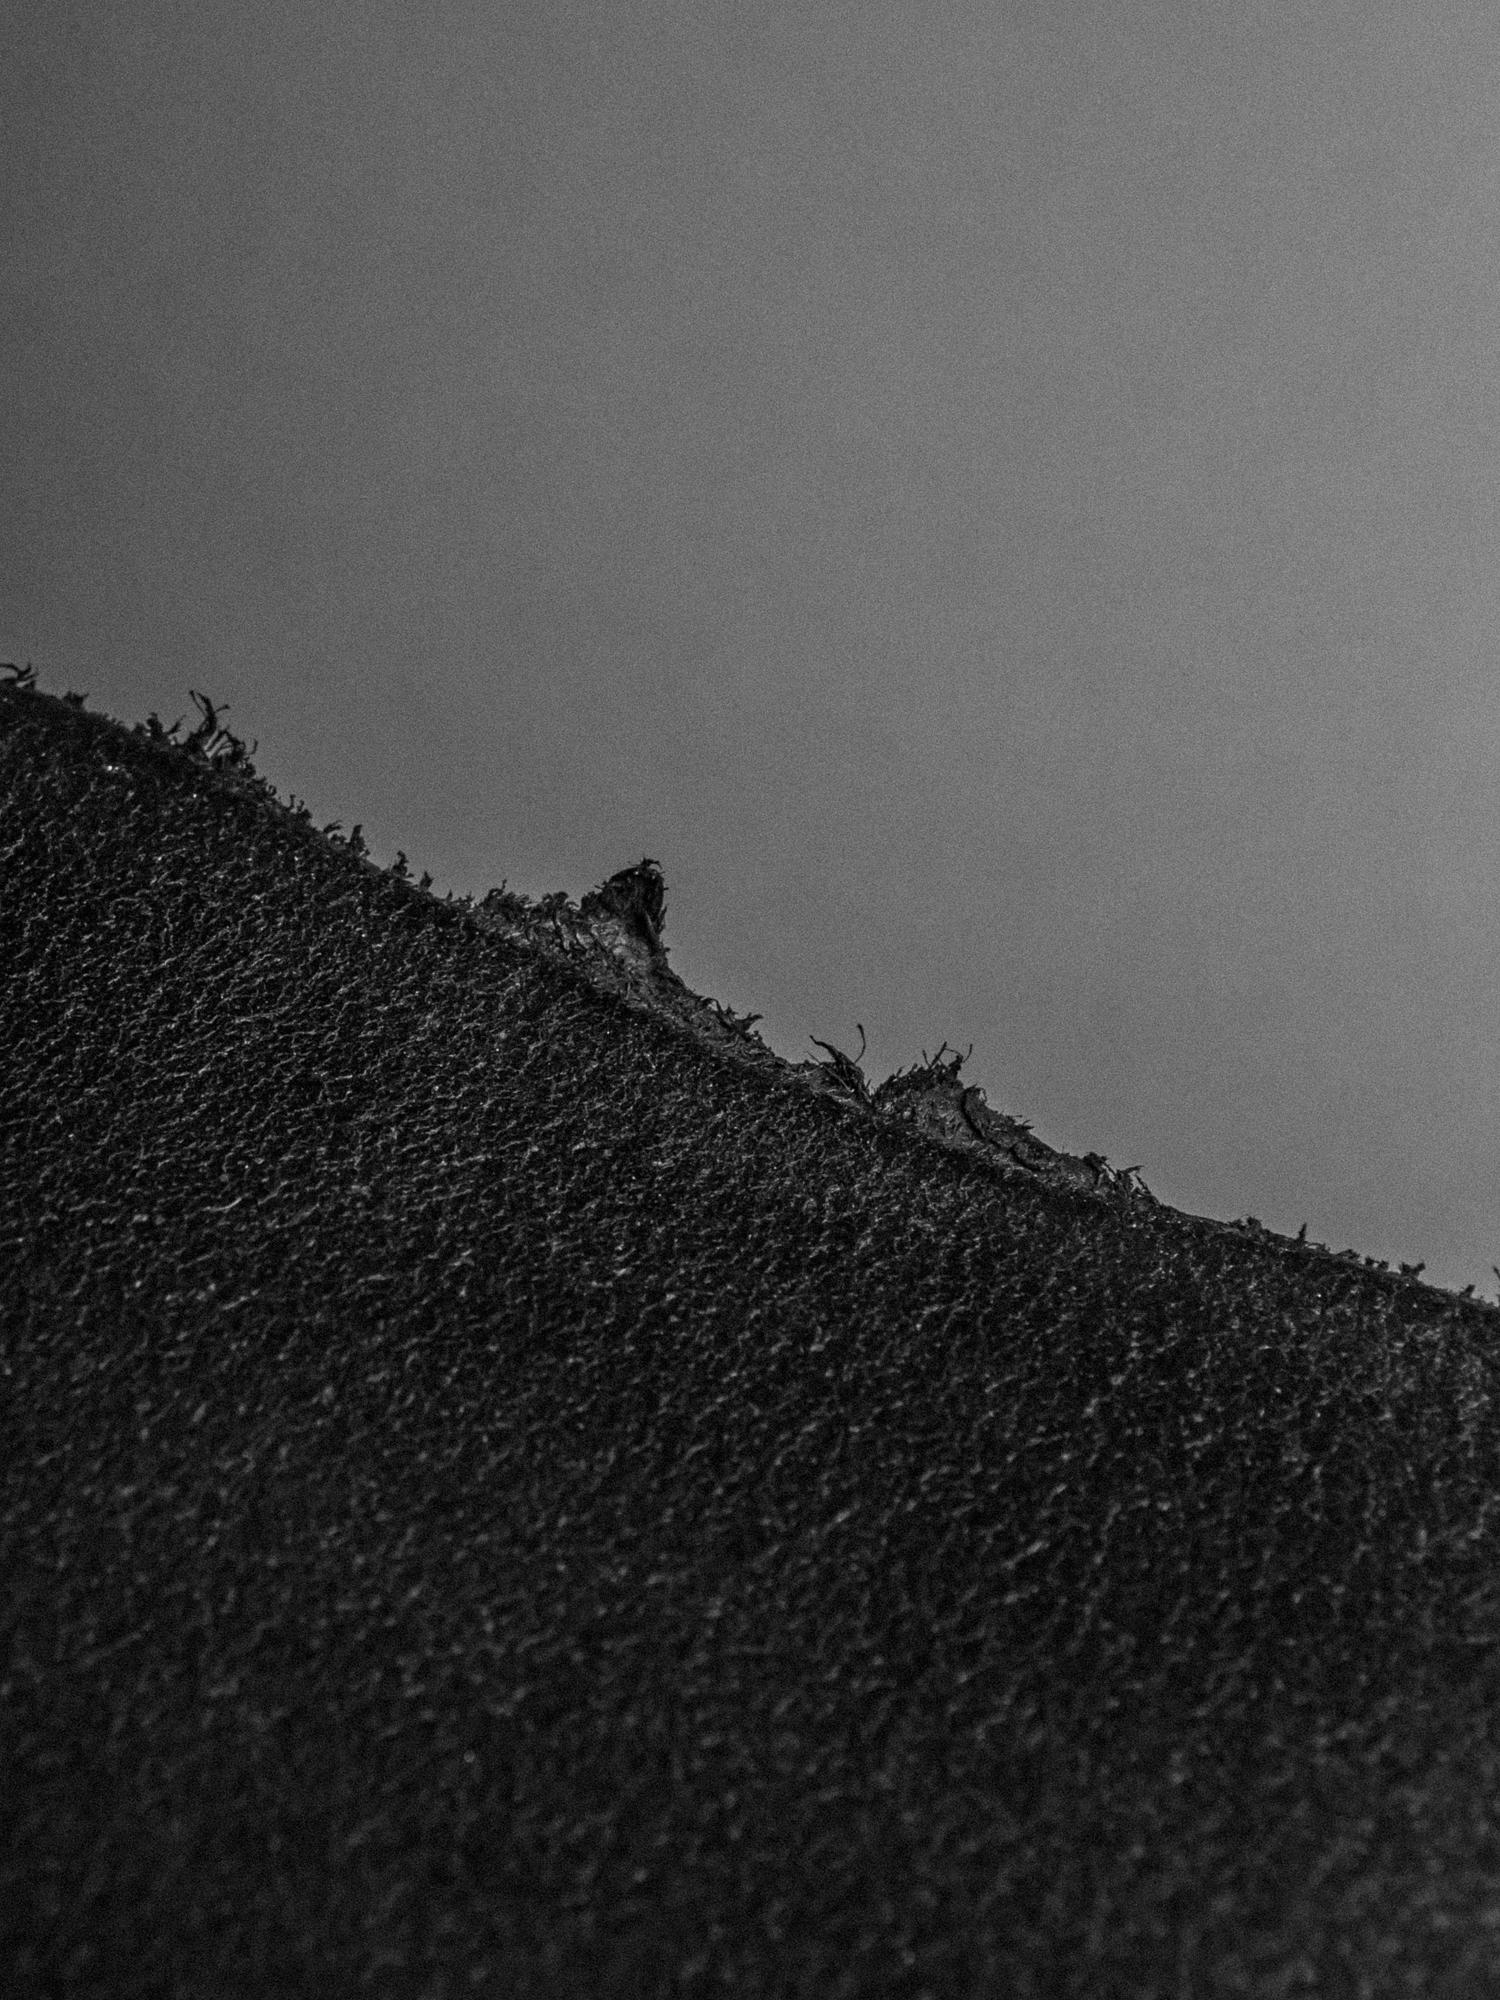 Awling England_Portfolio -17.jpg